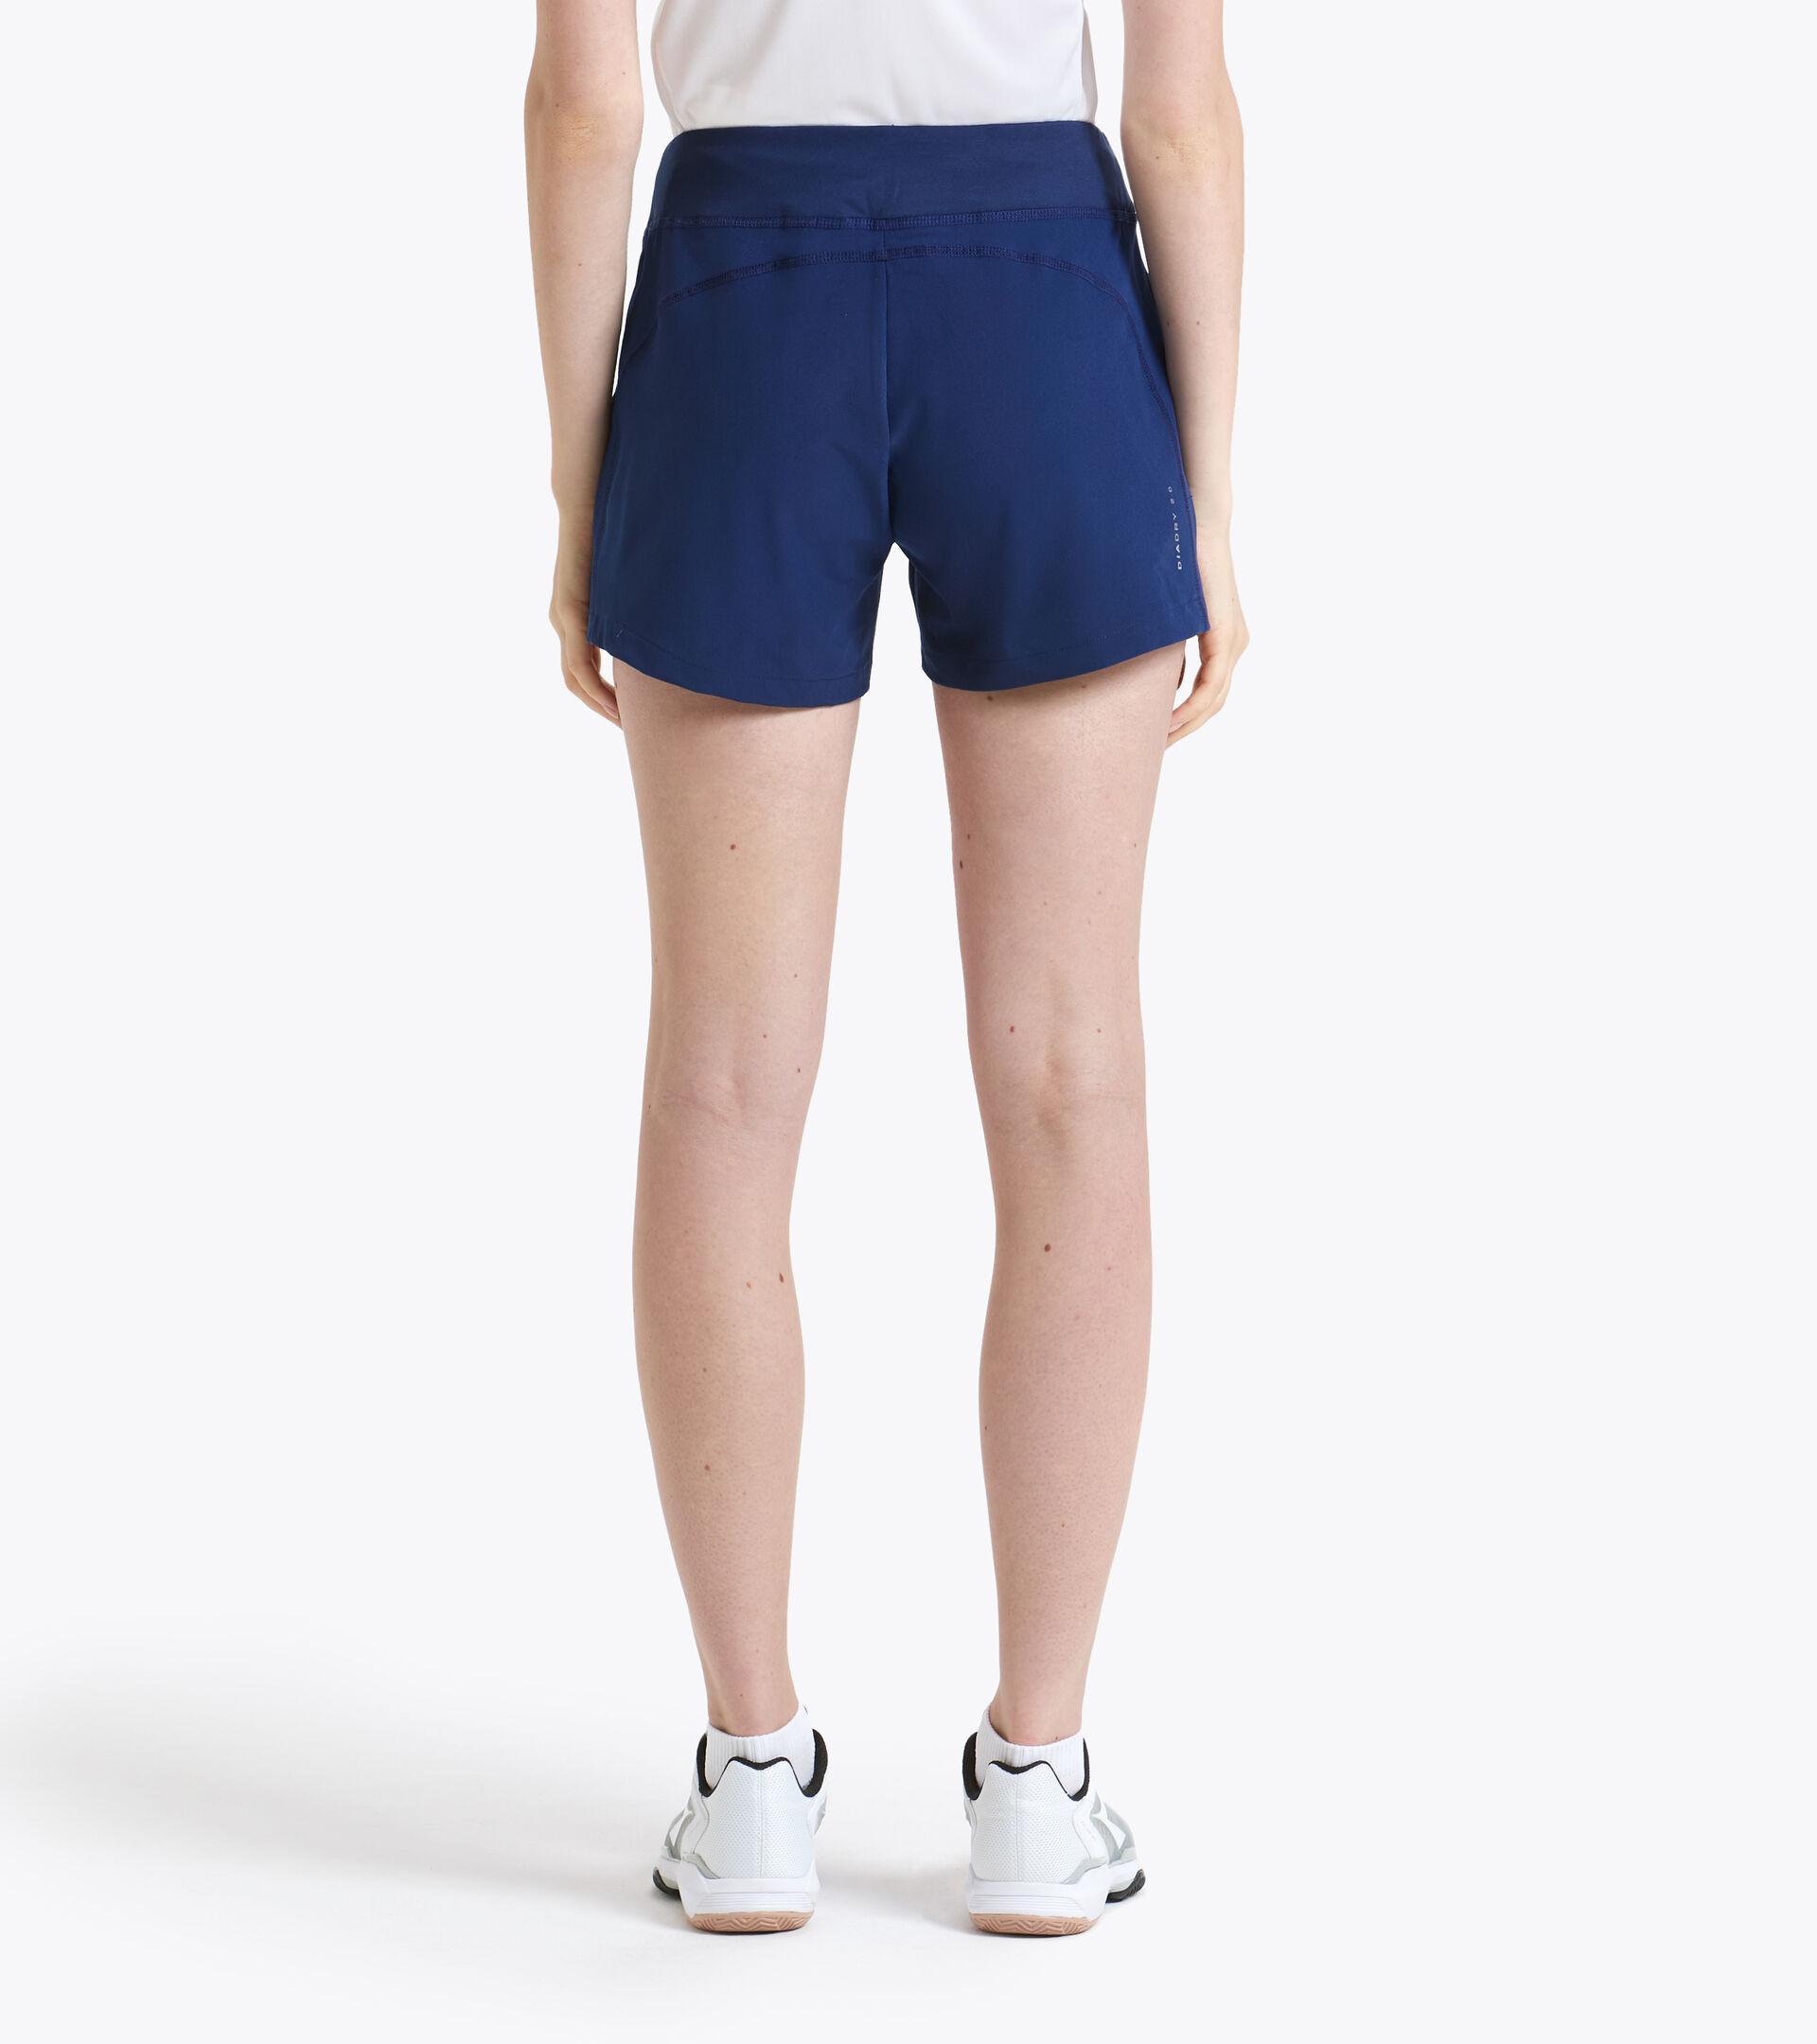 Tennis Shorts - Women L. SHORT COURT SALTIRE NAVY - Diadora